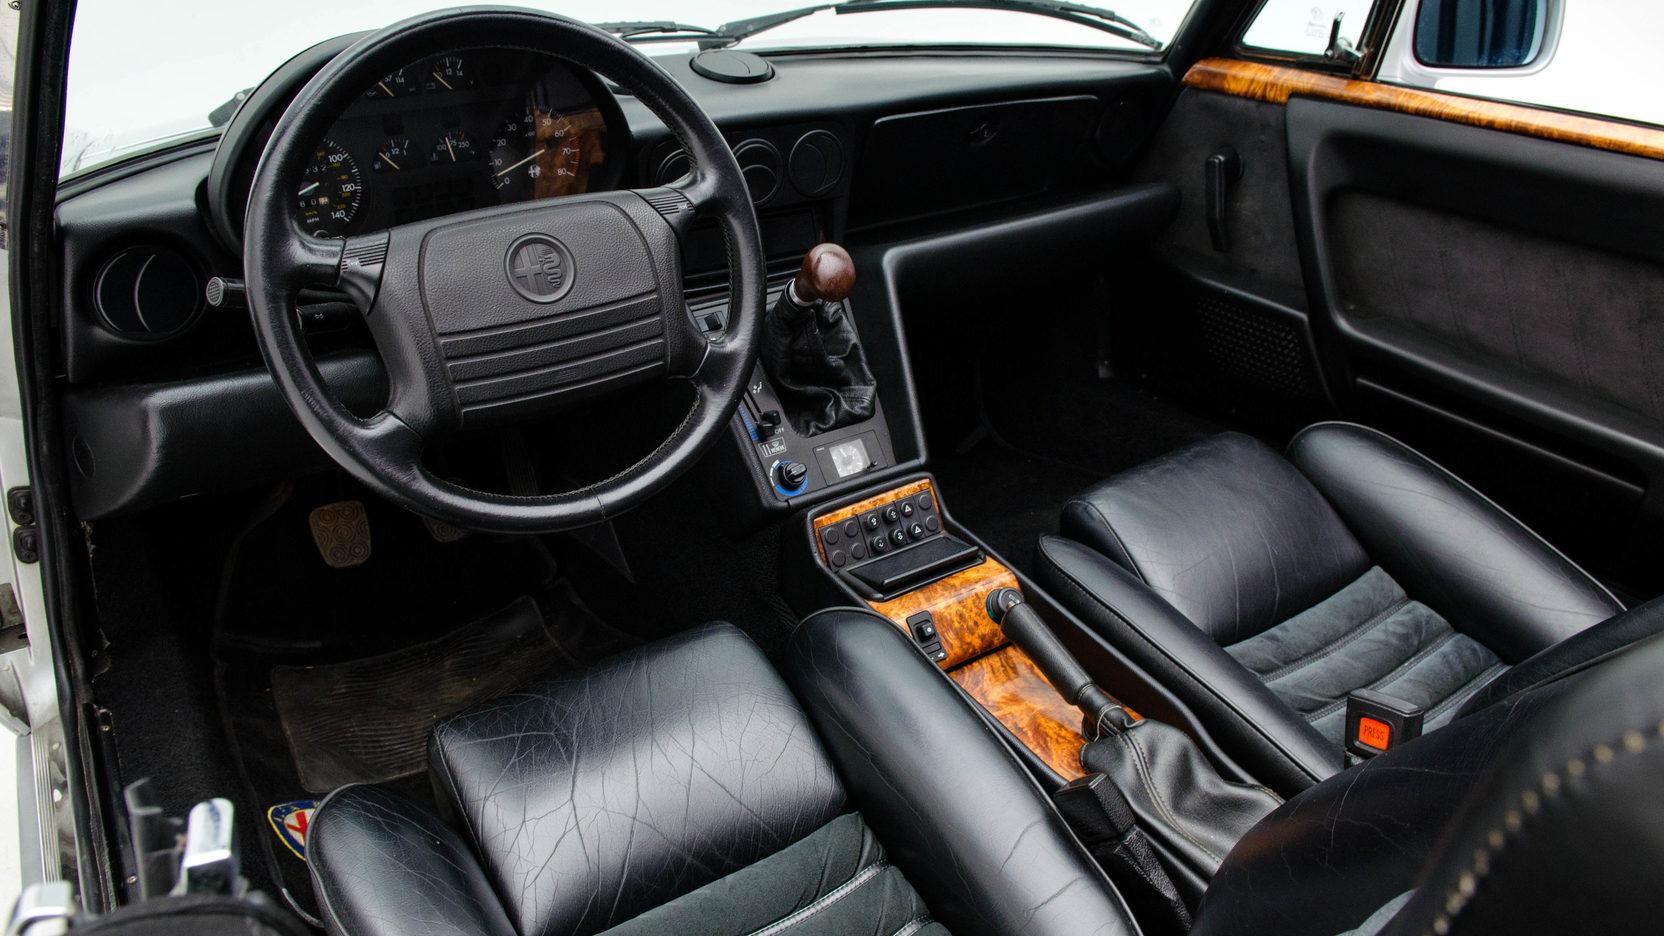 1991 Alfa Romeo Spider interior